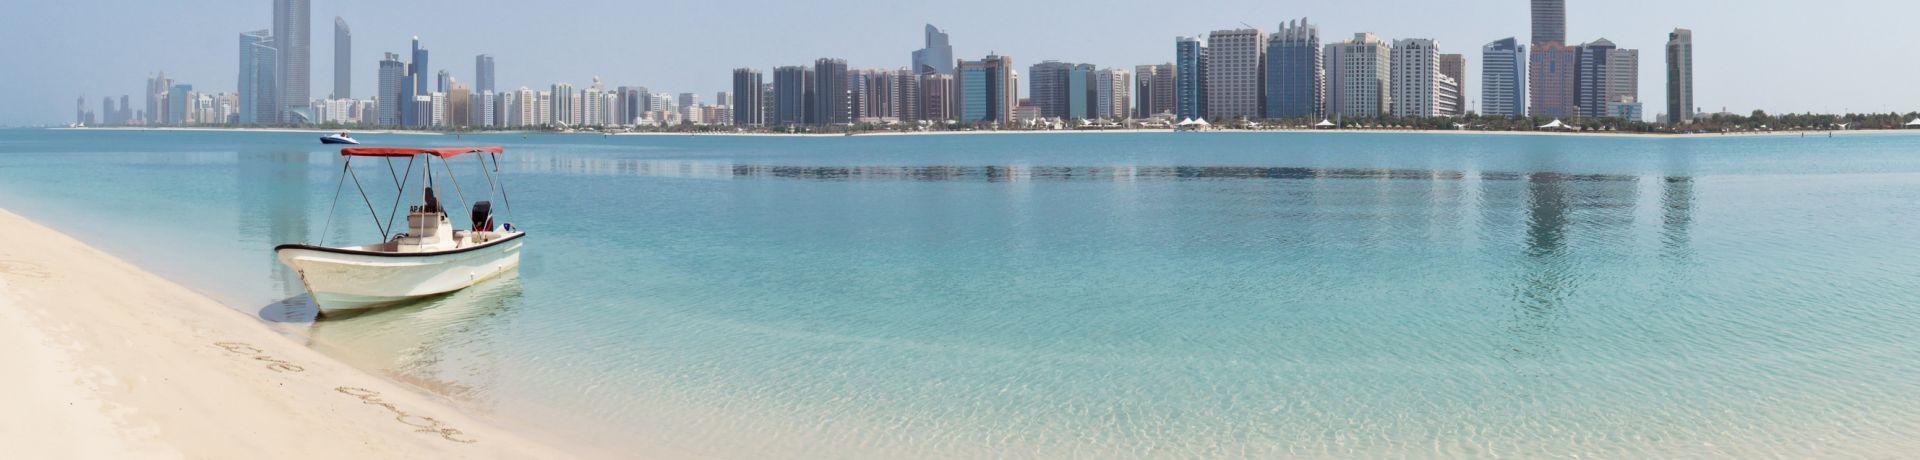 region-id-253-vae-abu-dhabi_FO_49307117_F1920x460.jpg